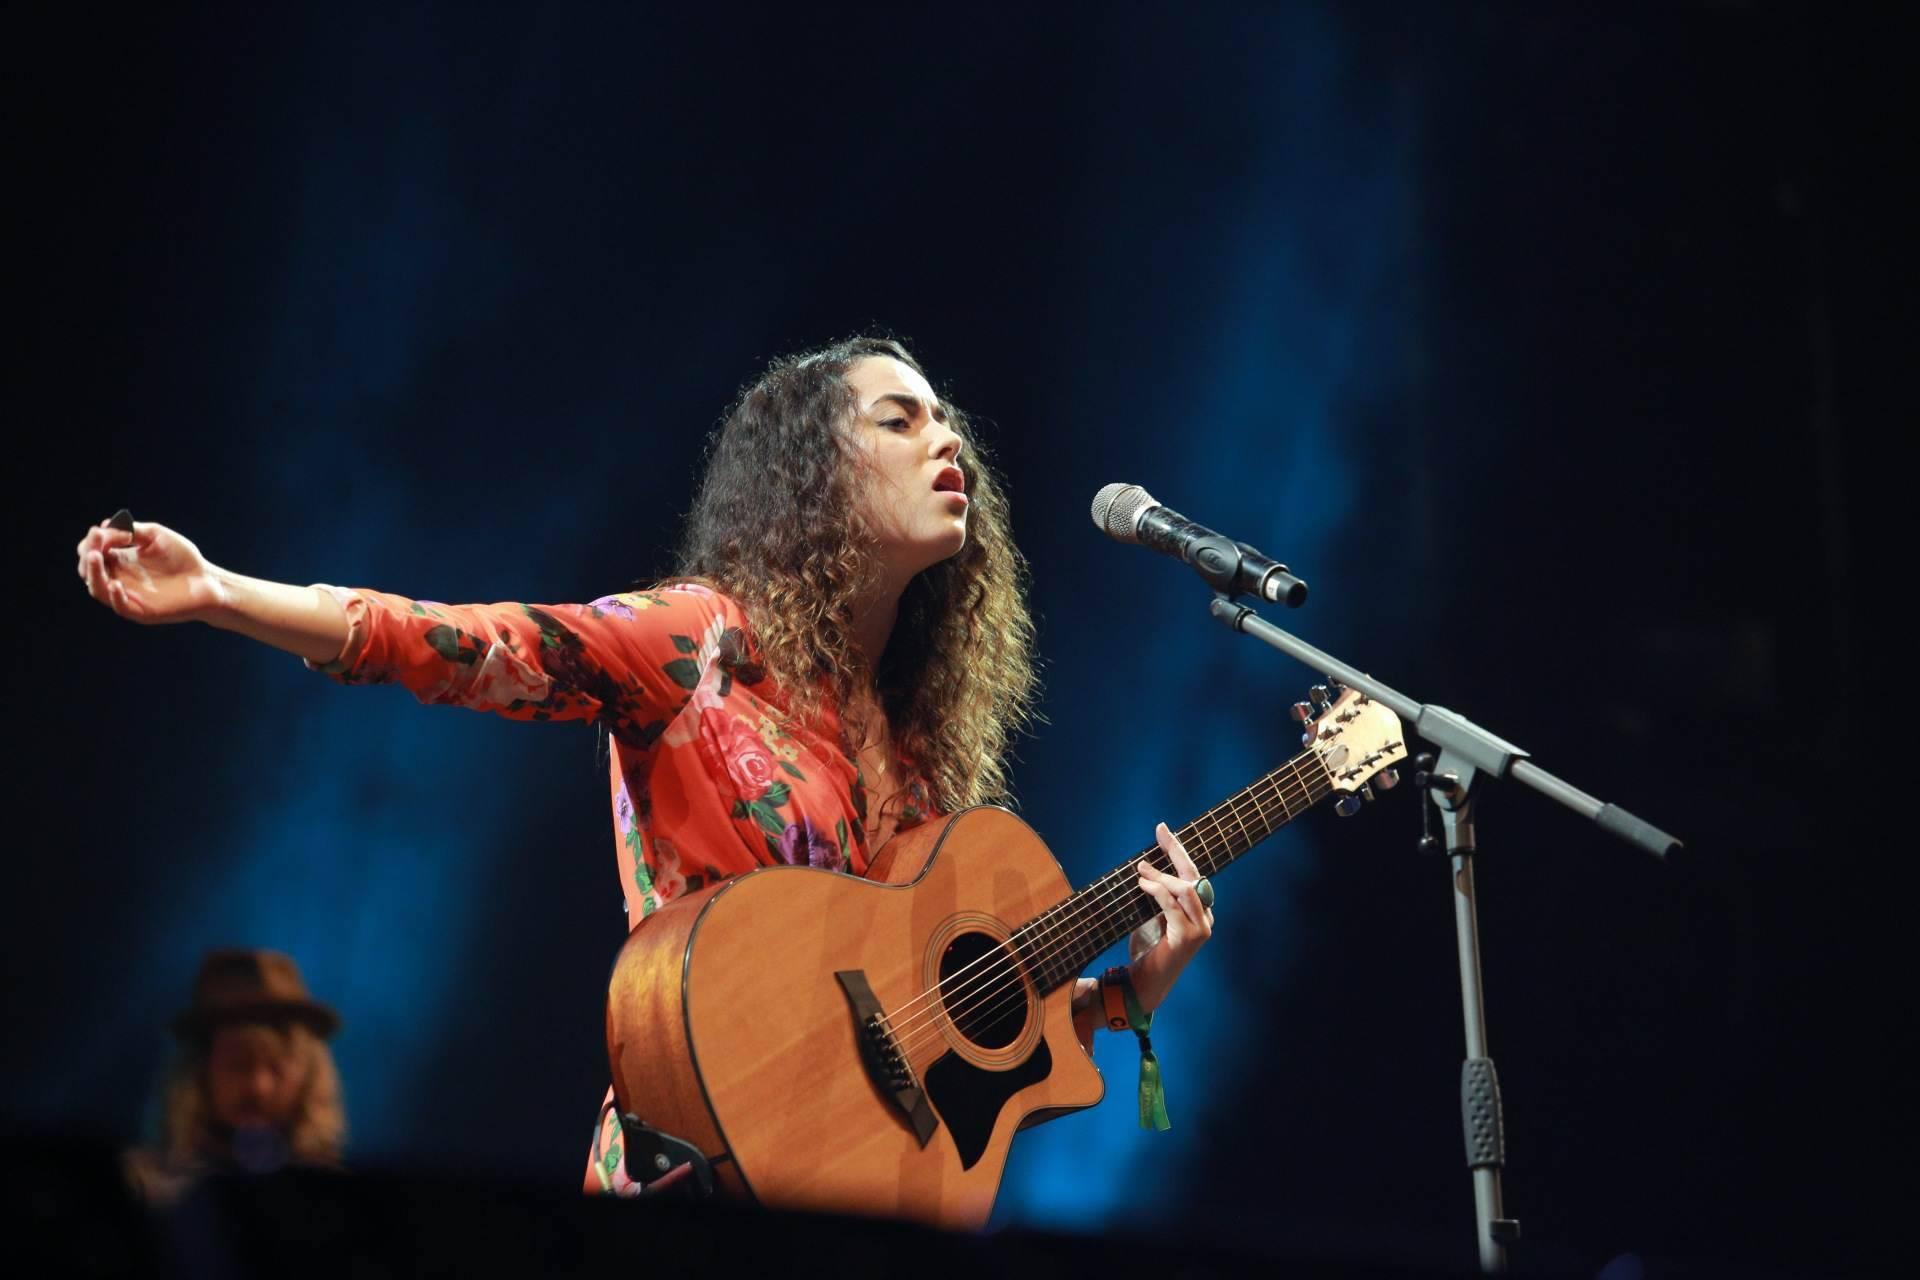 """Hoàng Touliver, SlimV cùng các nghệ sĩ quốc tế làm bùng nổ đêm nhạc đầu tiên của """"Monsoon Music Festival 2017 by Tuborg"""" - Ảnh 13."""